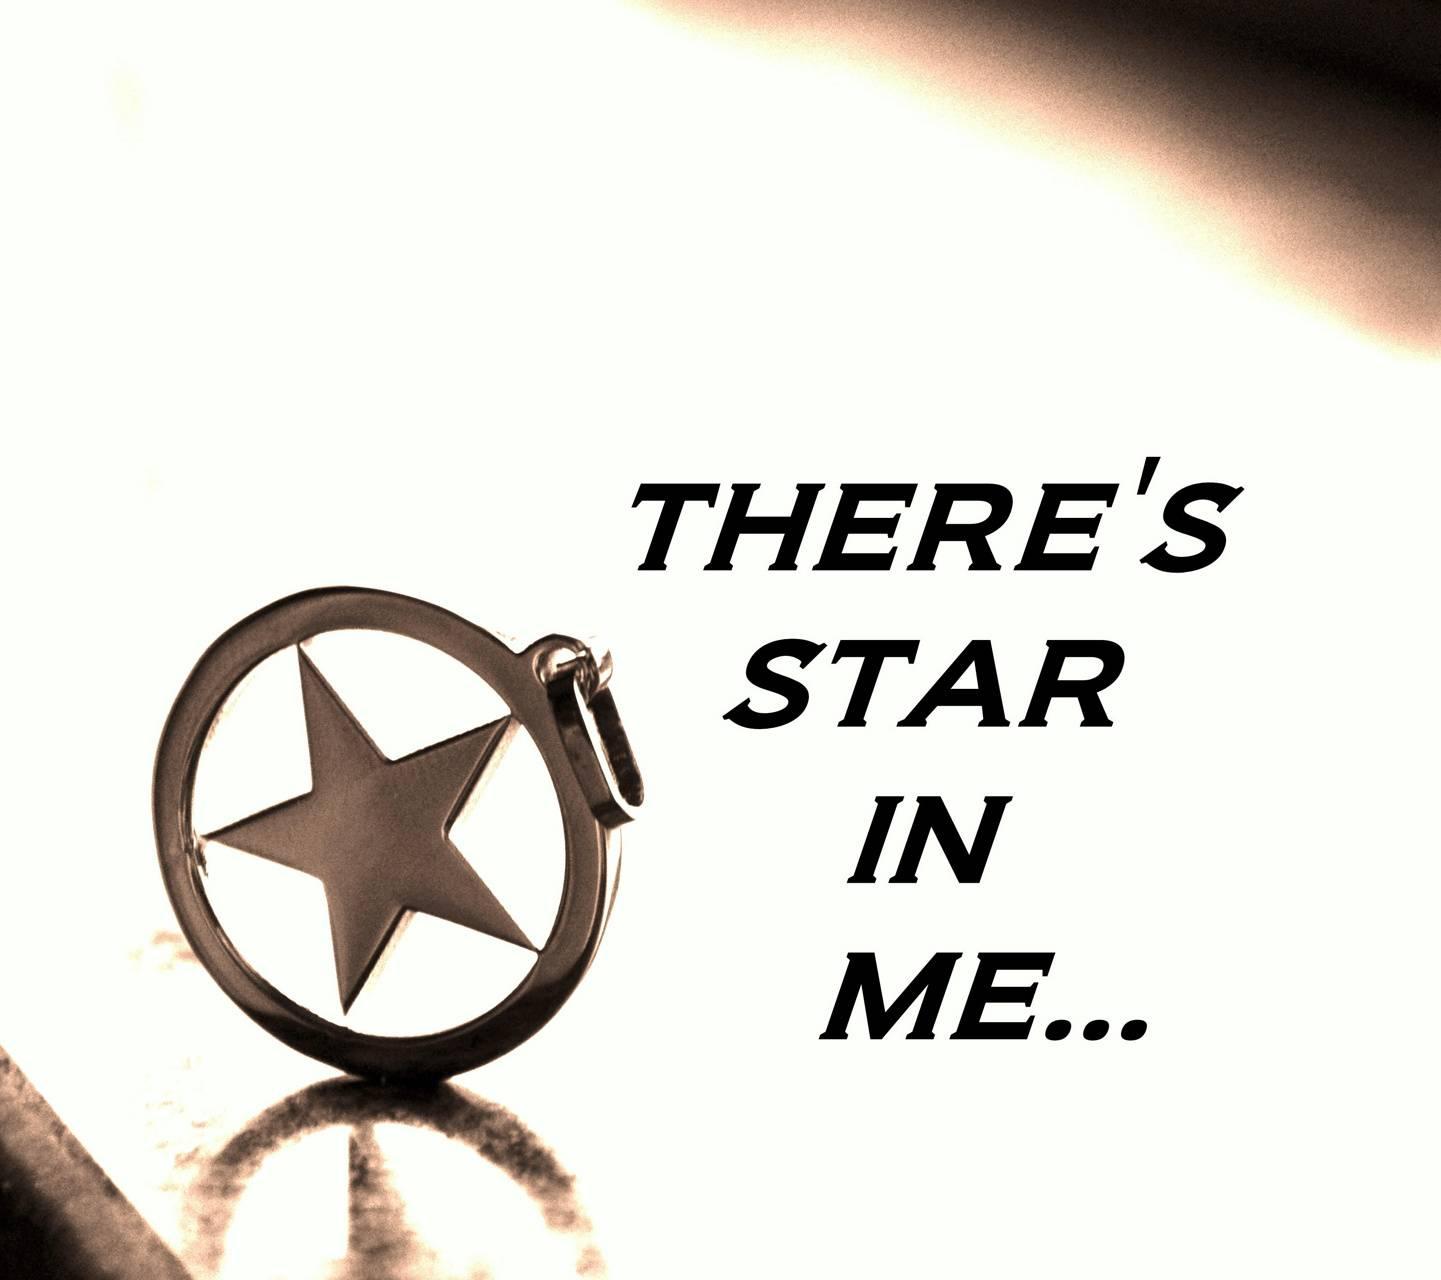 Star in me